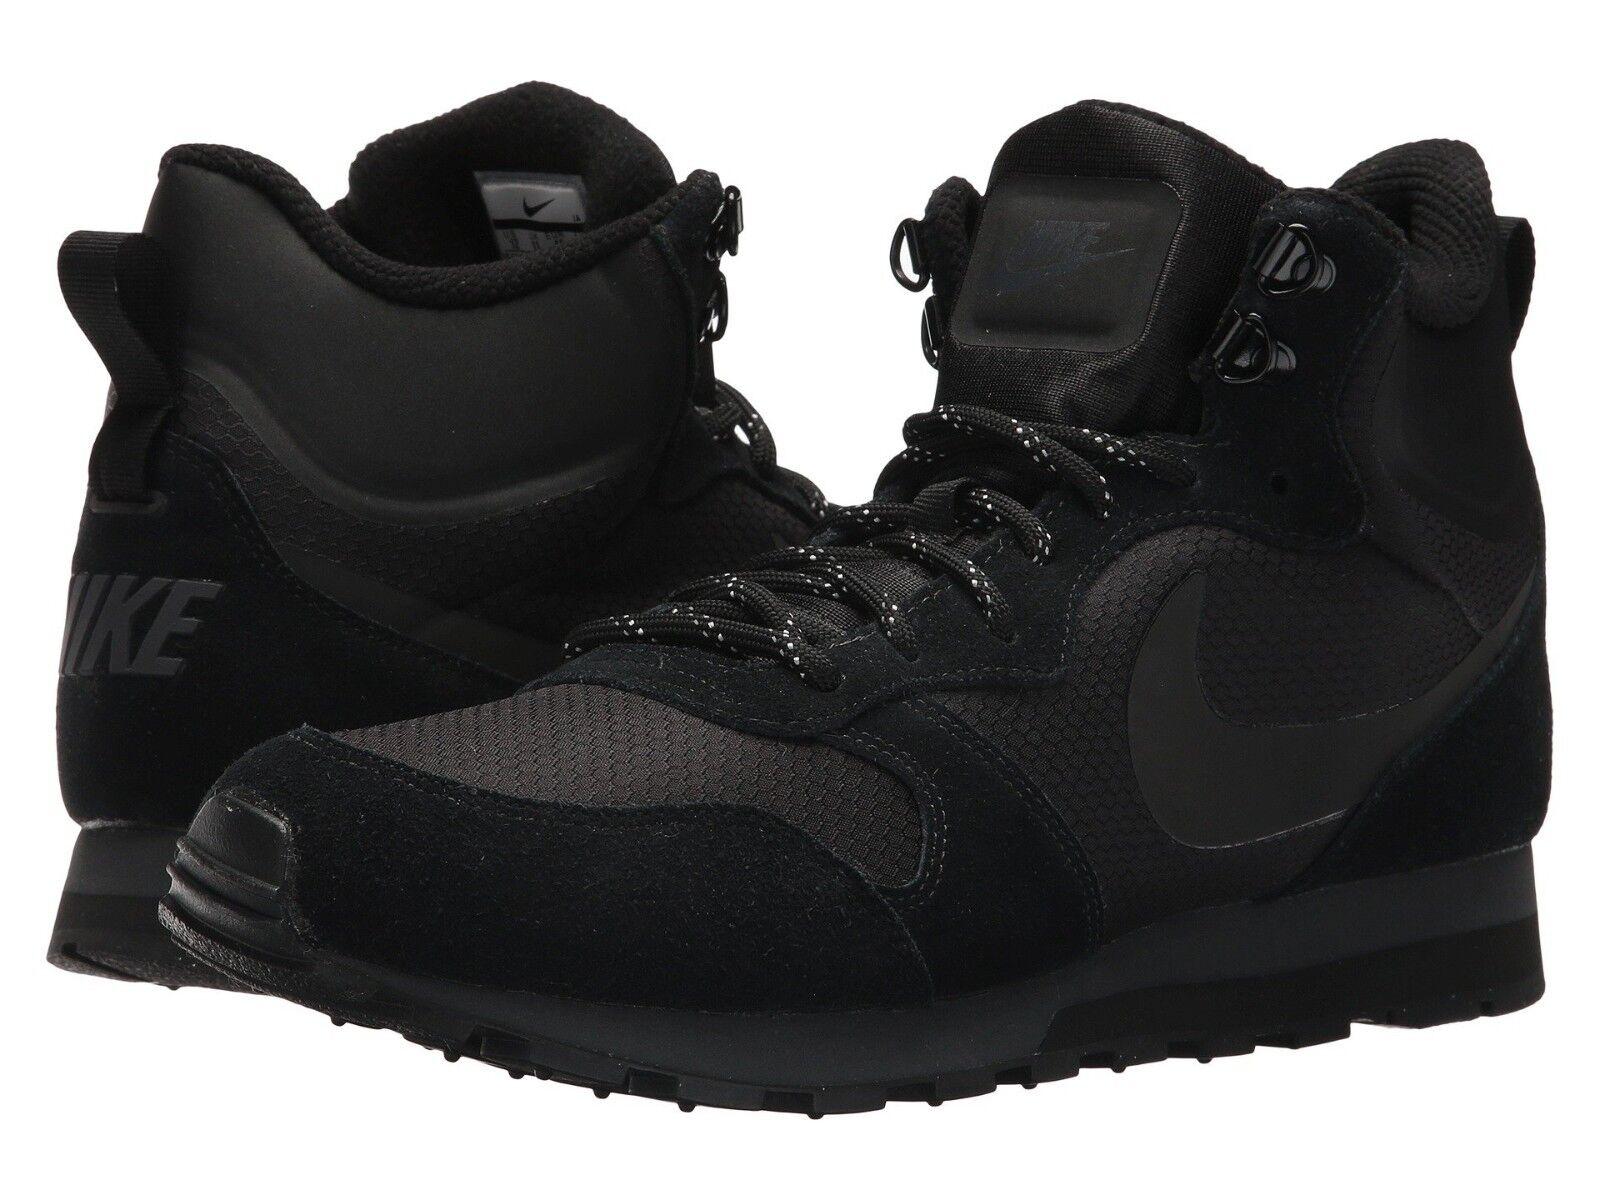 Nuevo En Nike Caja Para Hombre Nike En MD Runner 2 Mid Tenis Zapatos negro/negro Premium 9cf2b1